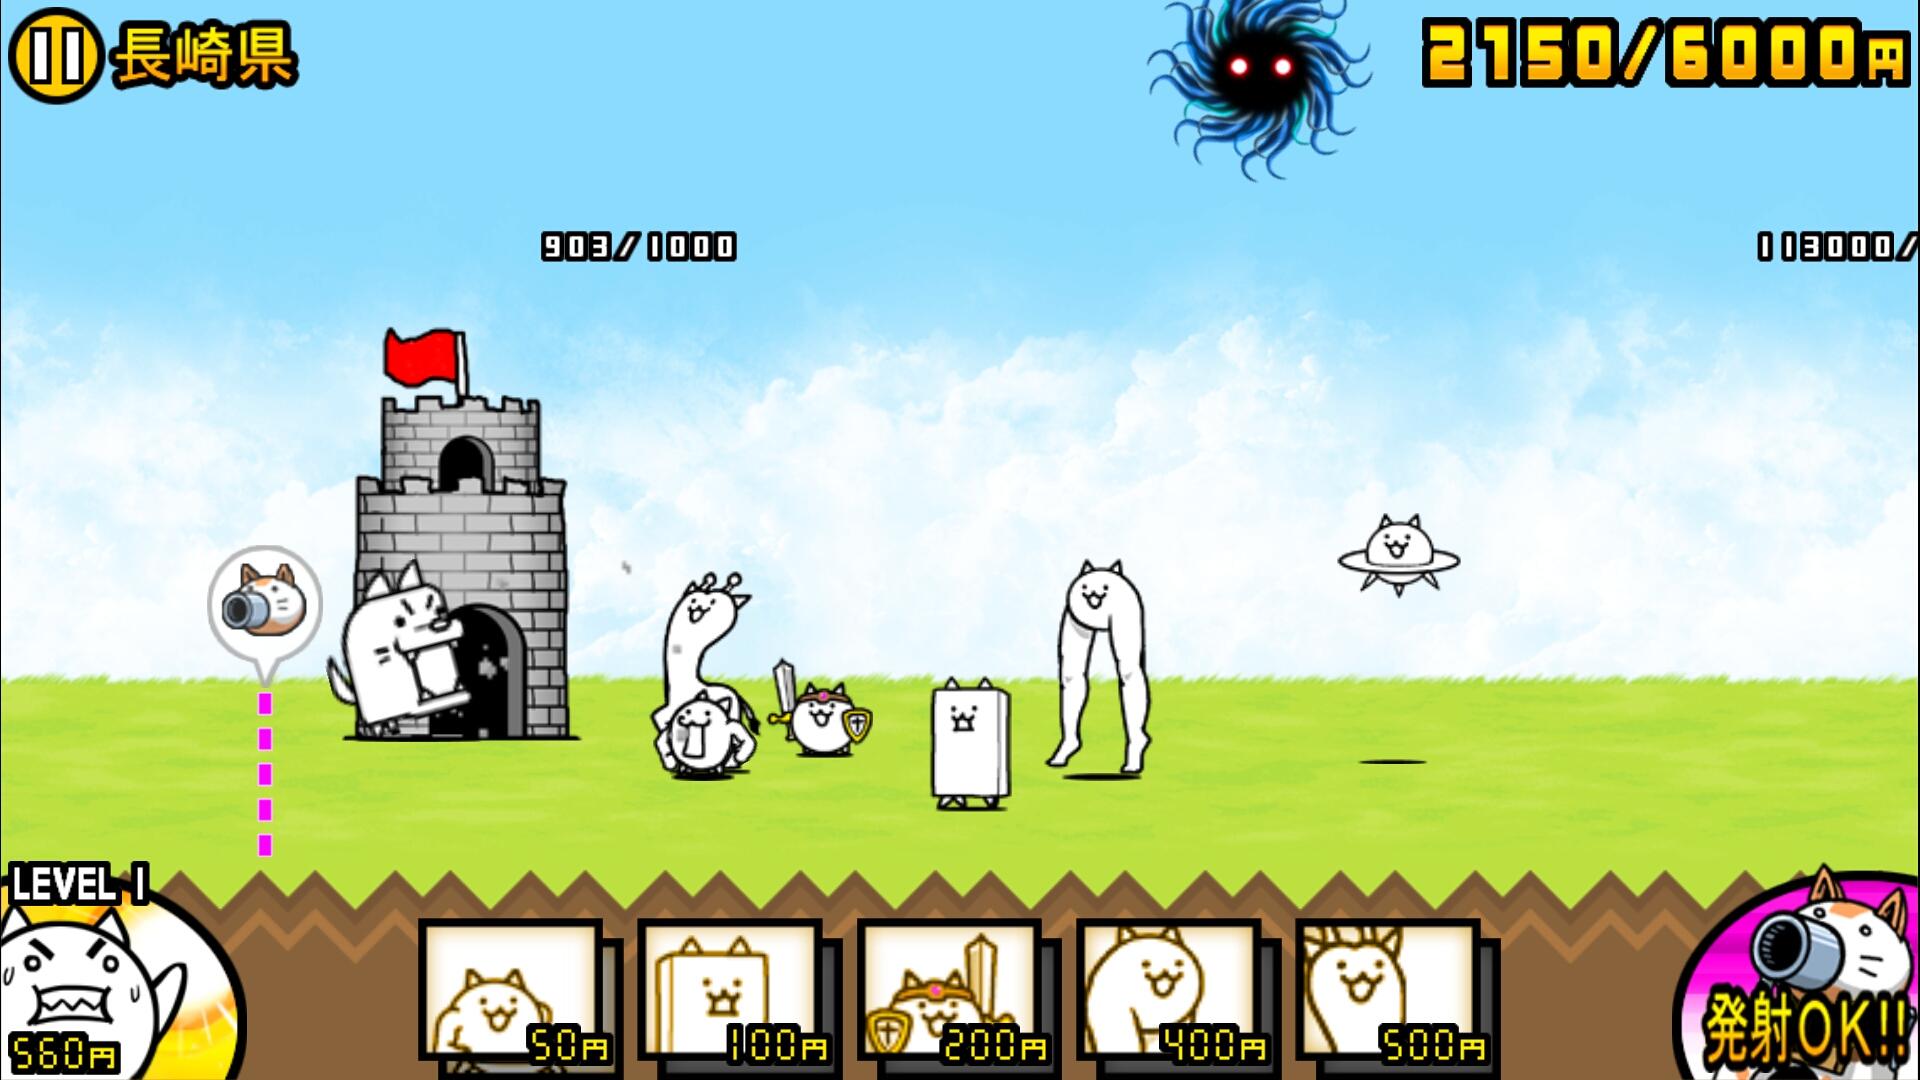 【にゃんこ大戦争】可愛いちびキャラクターにネコ足、キリンネコ(ウシ)、UFO(トリ)が追加されました!